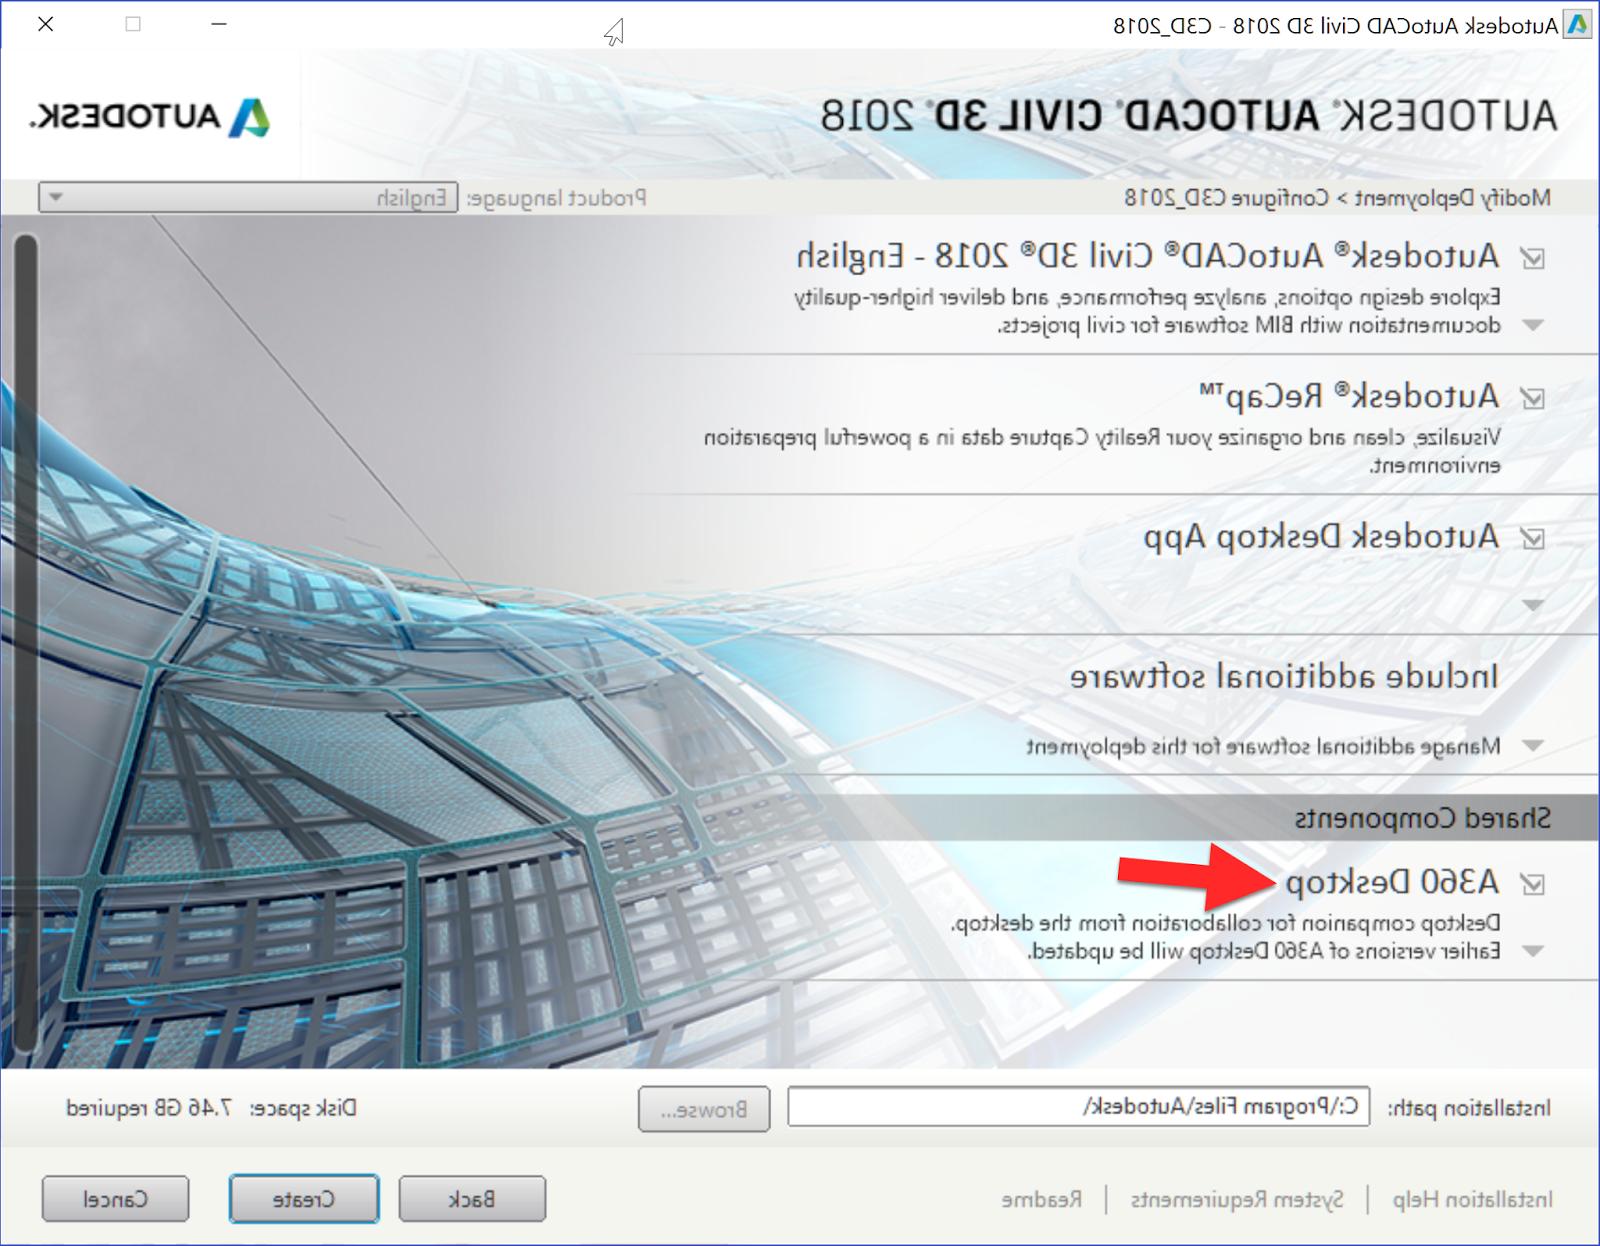 A360 Desktop 9fdy Bim Chapters Autodesk A360 Desktop Being Discontinued